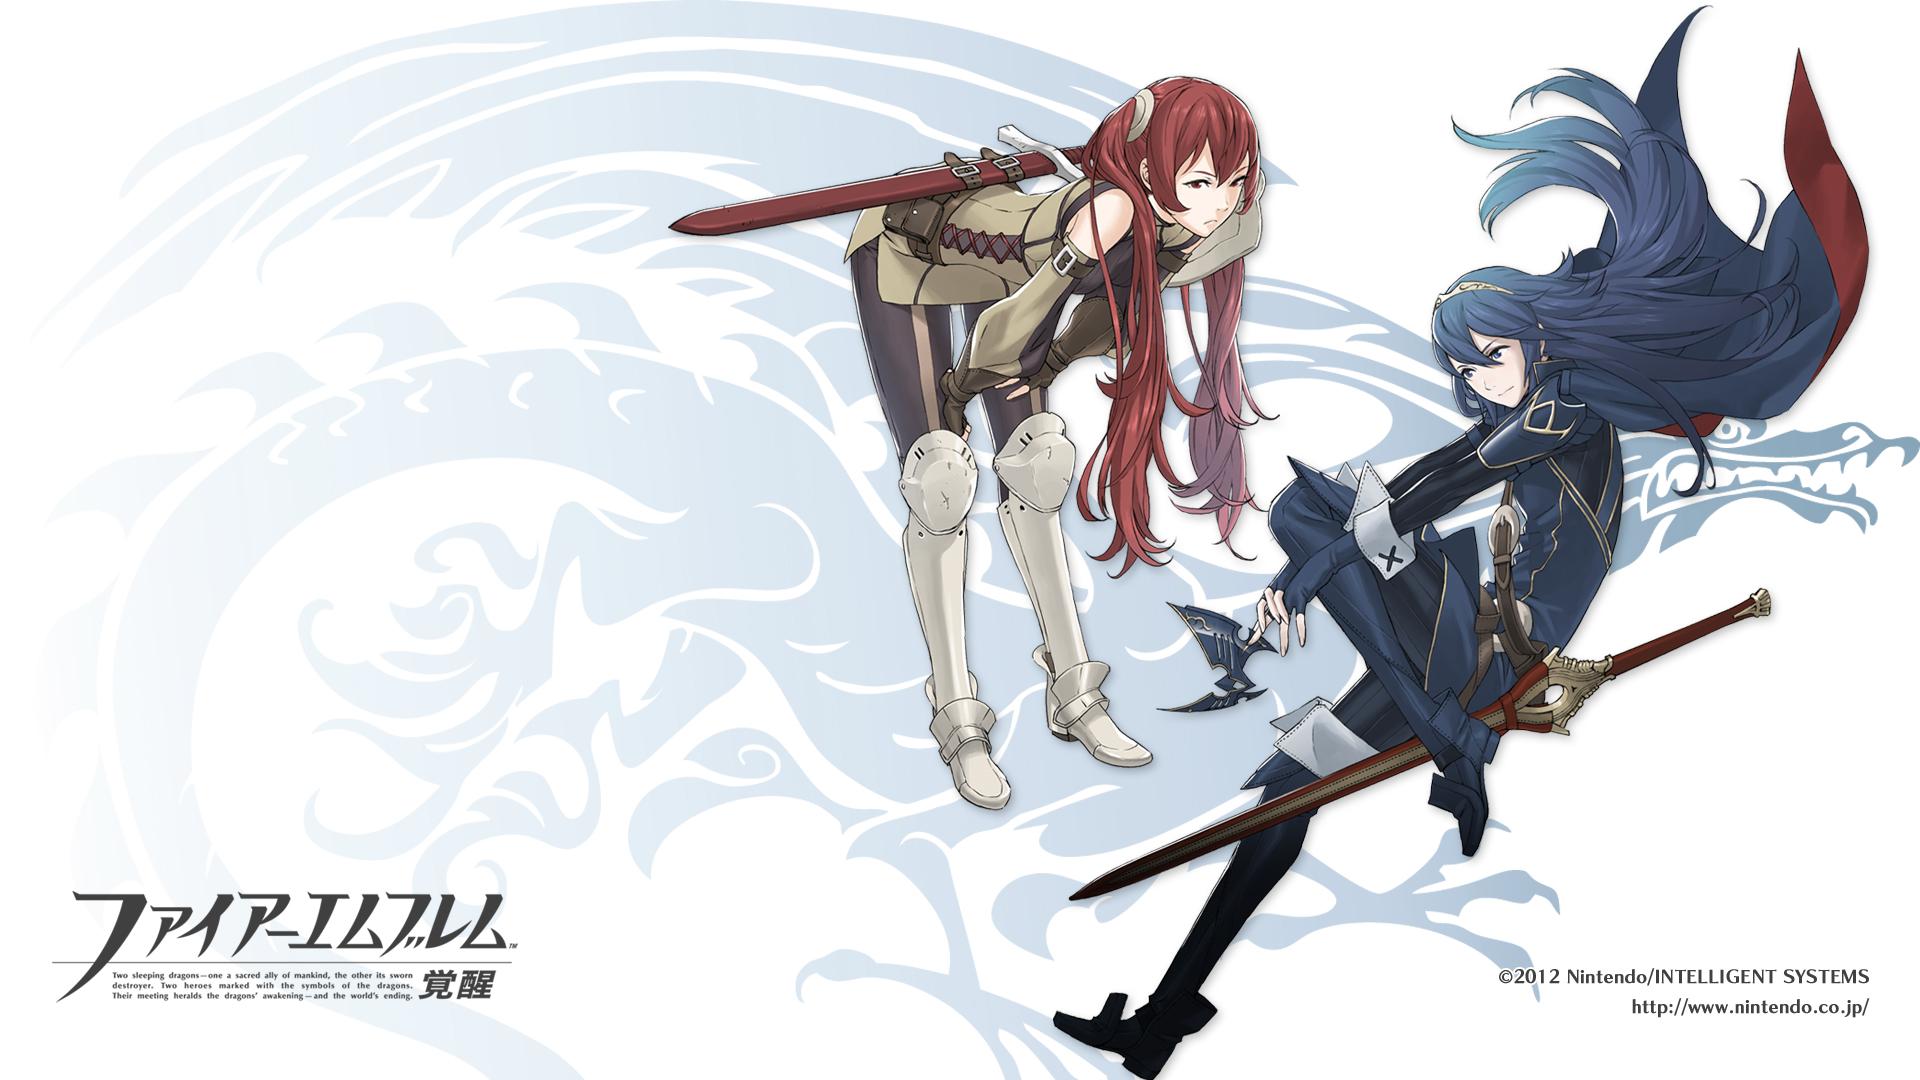 Fire Emblem: Kakusei (Fire Emblem: Awakening) HD Wallpaper ...